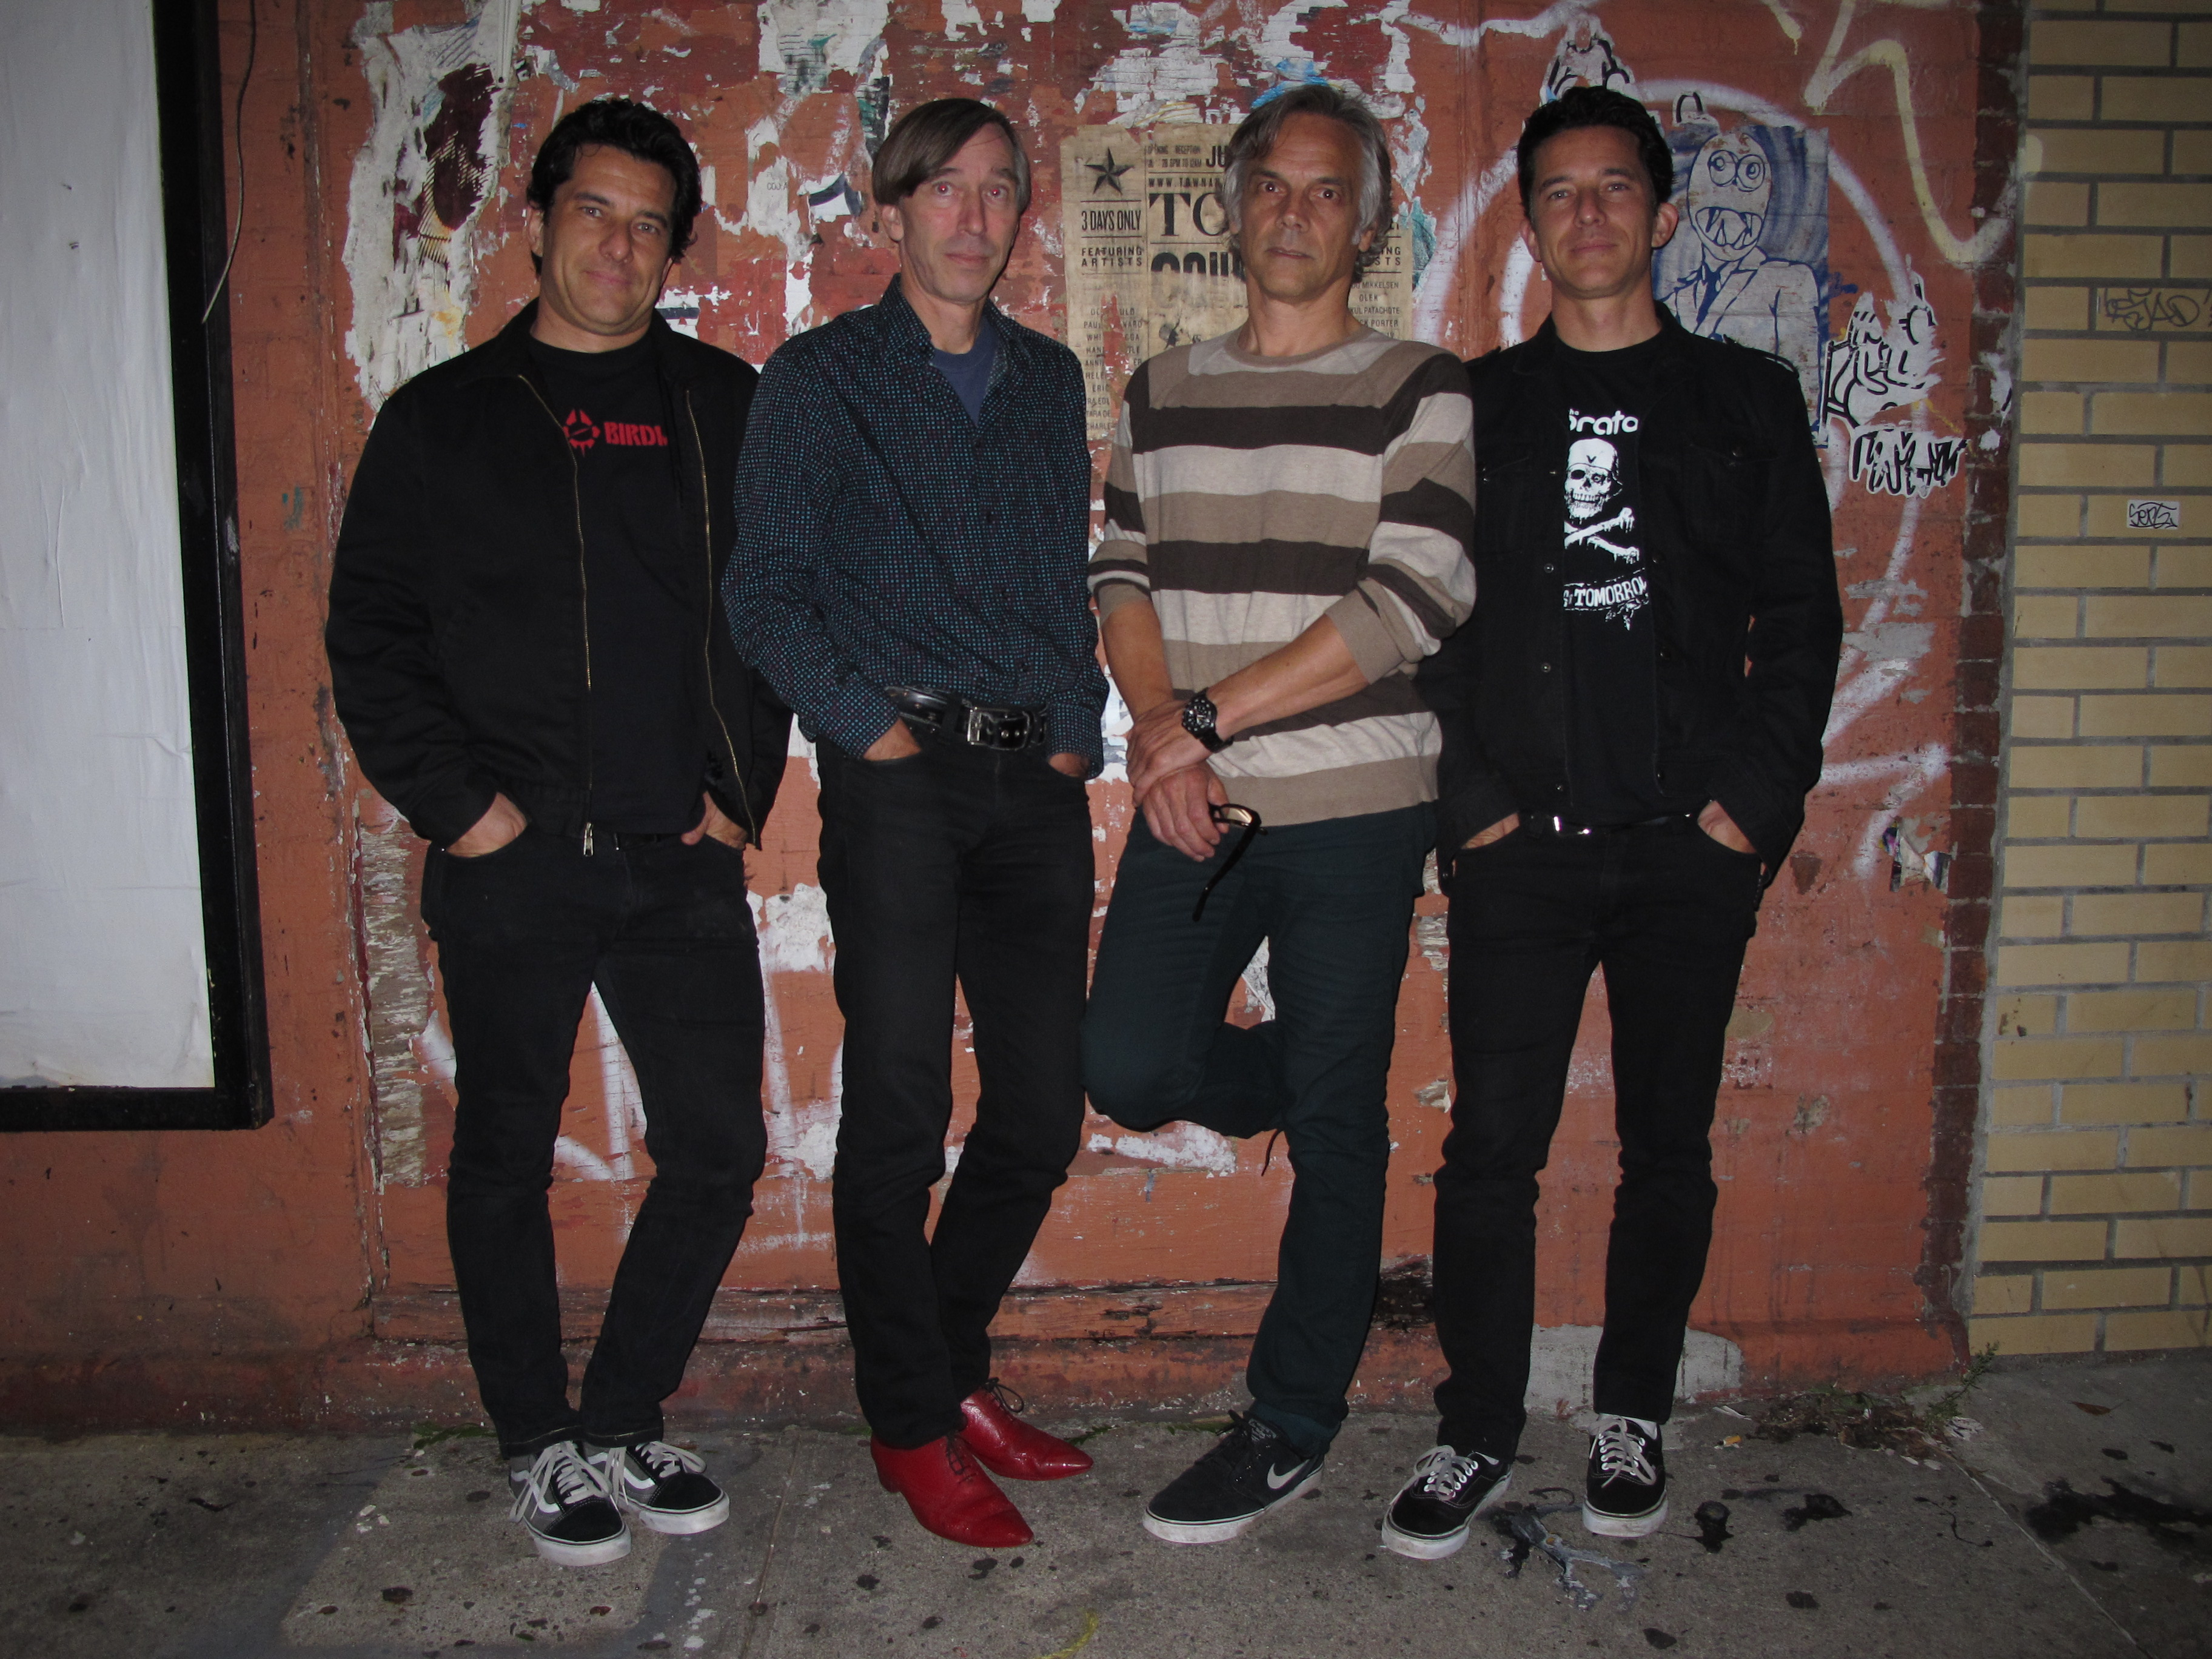 Steve Godoy, Keith Streng, Art Godoy